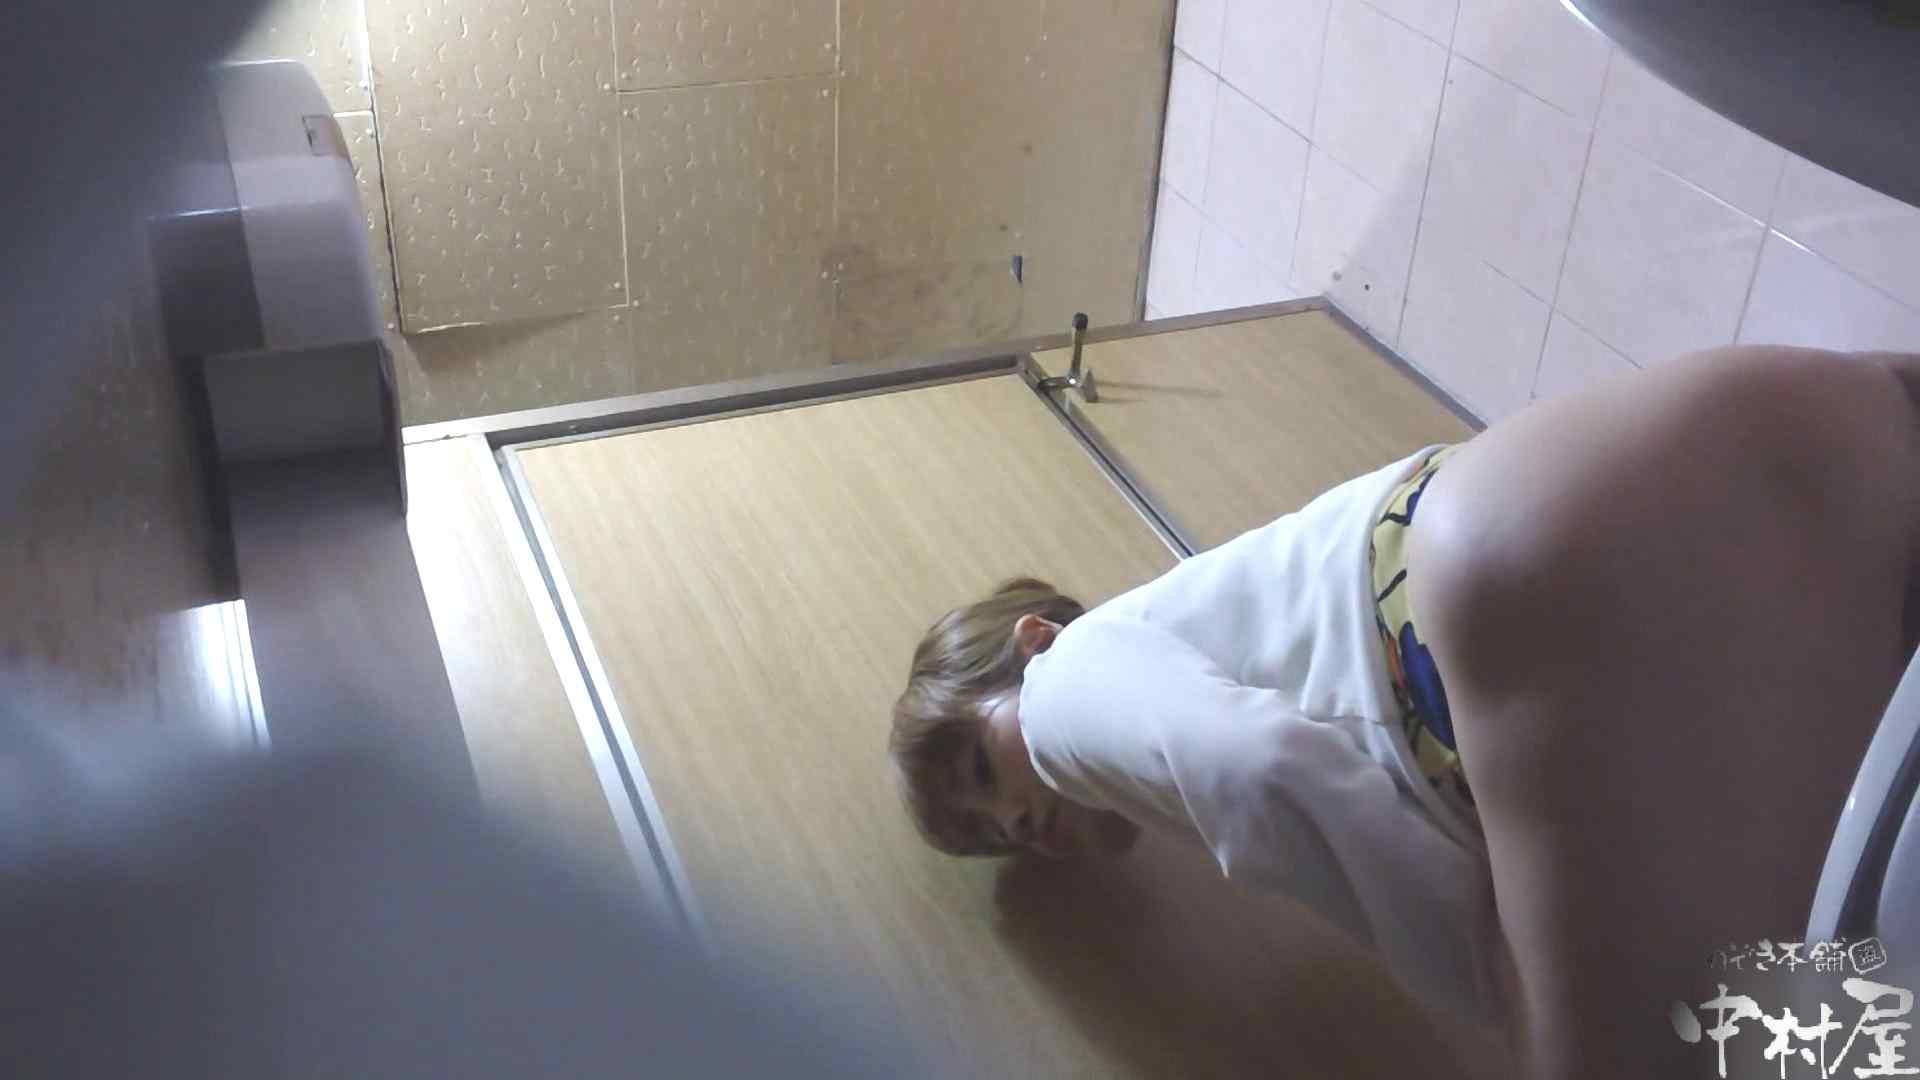 韓流トイレ盗撮vol.11 盗撮シリーズ | トイレ  97PIX 63